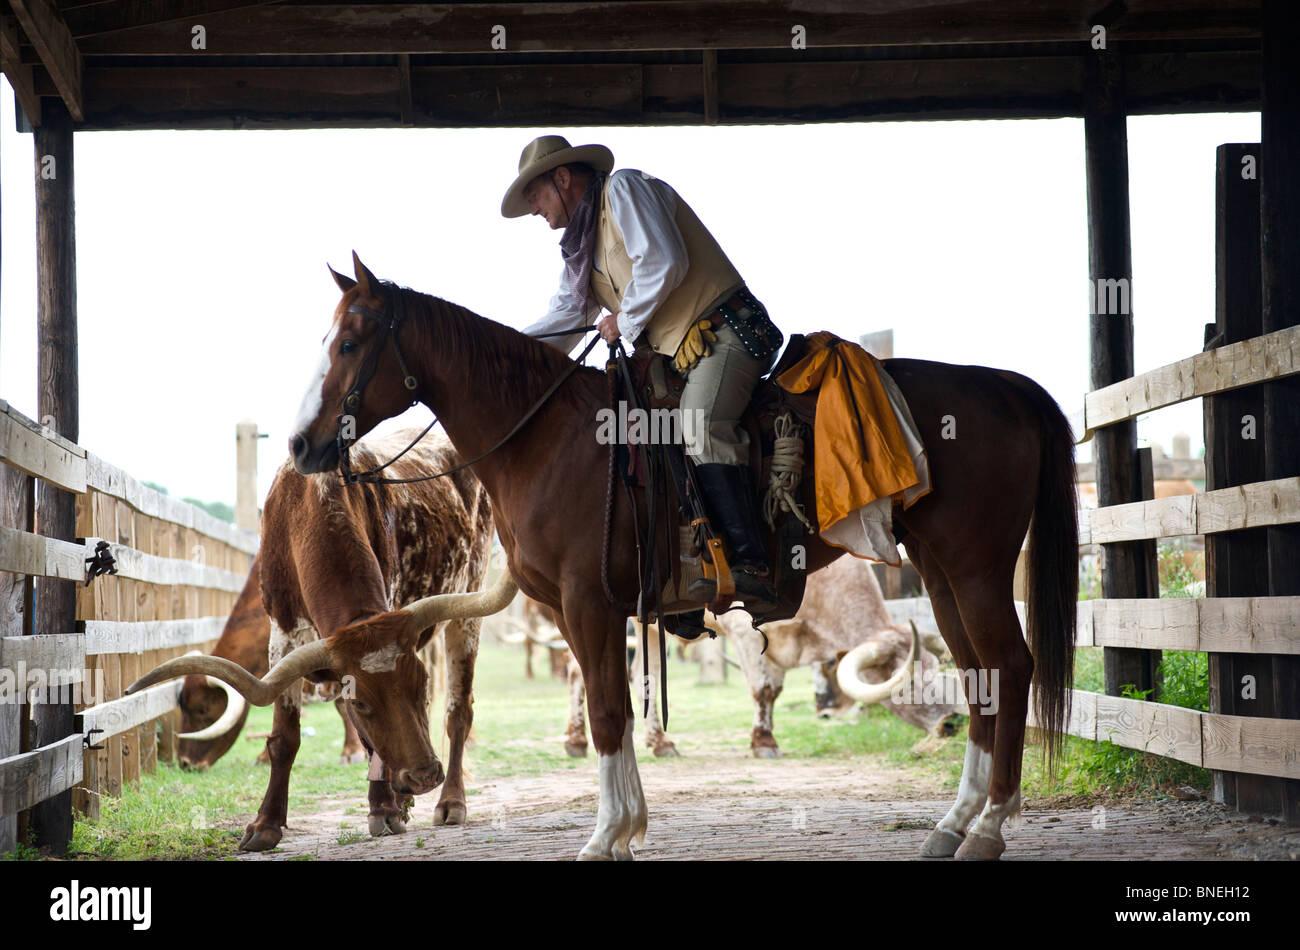 Séance Cowboy avec cheval sur Longhorn ranch dans le parc à bestiaux de Fort Worth au Texas, USA Banque D'Images